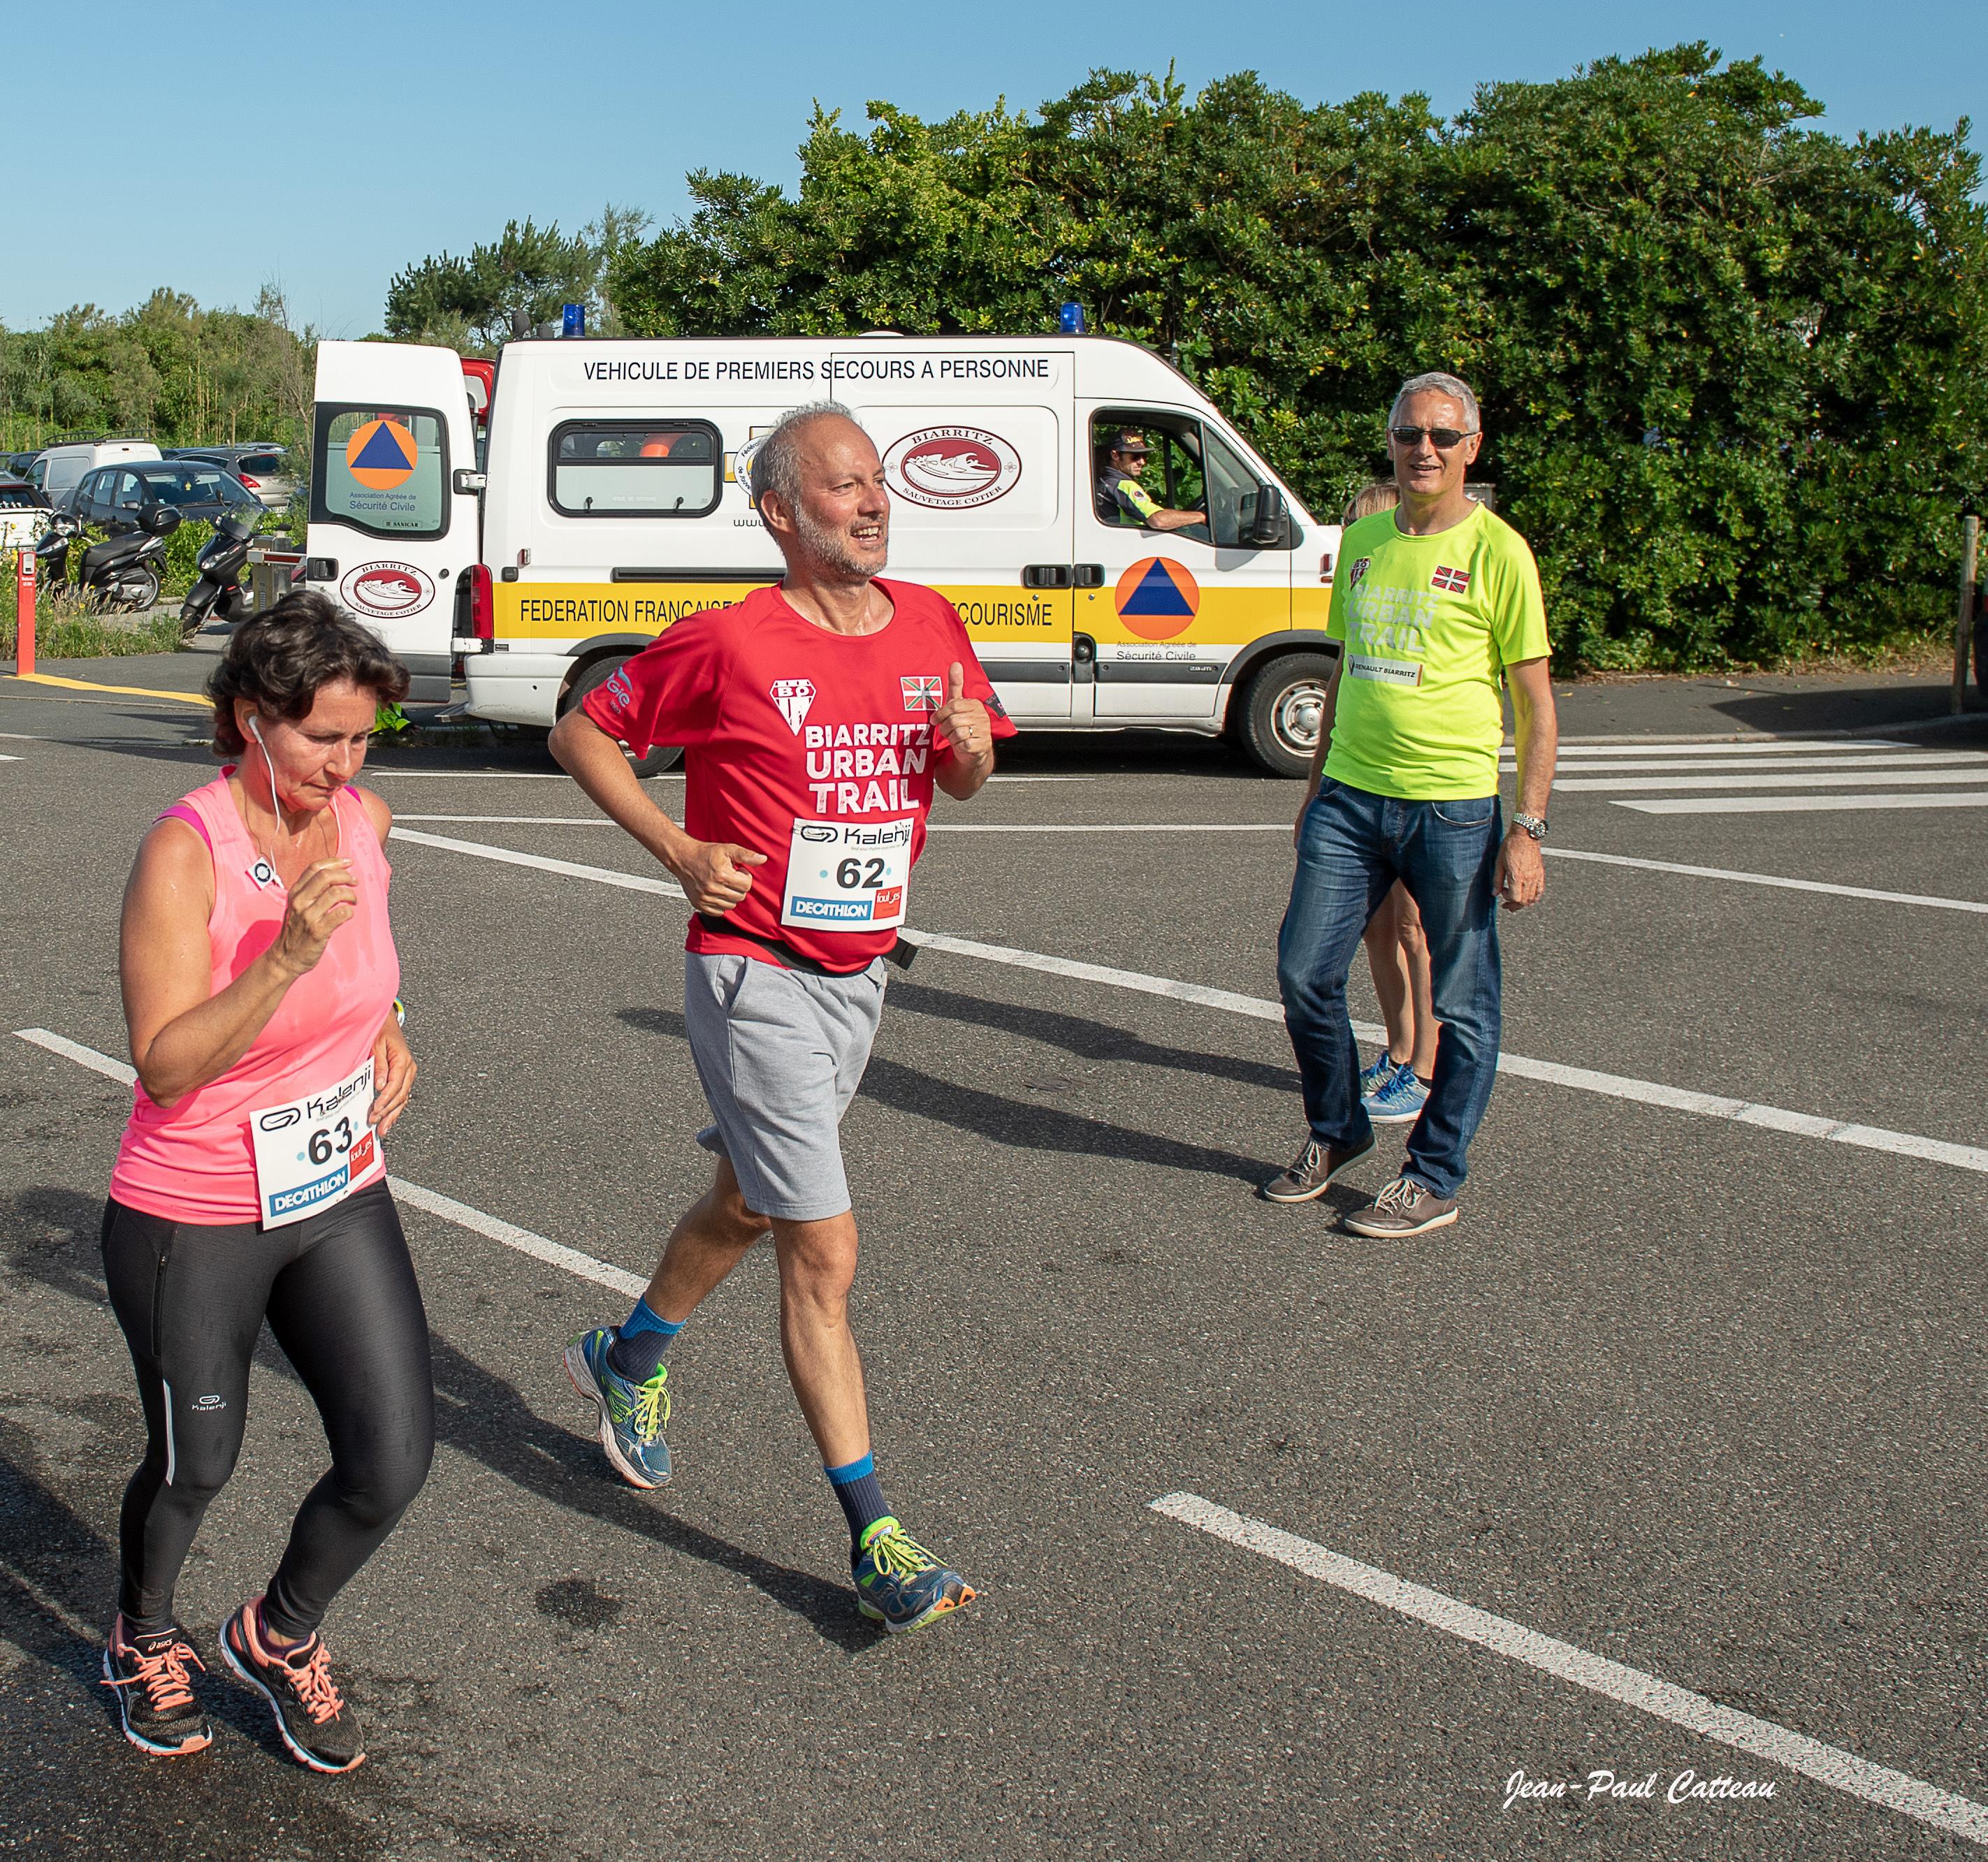 Marathon_de_Biarritz_-_Cité_Océan_-_24_juin_2018_16